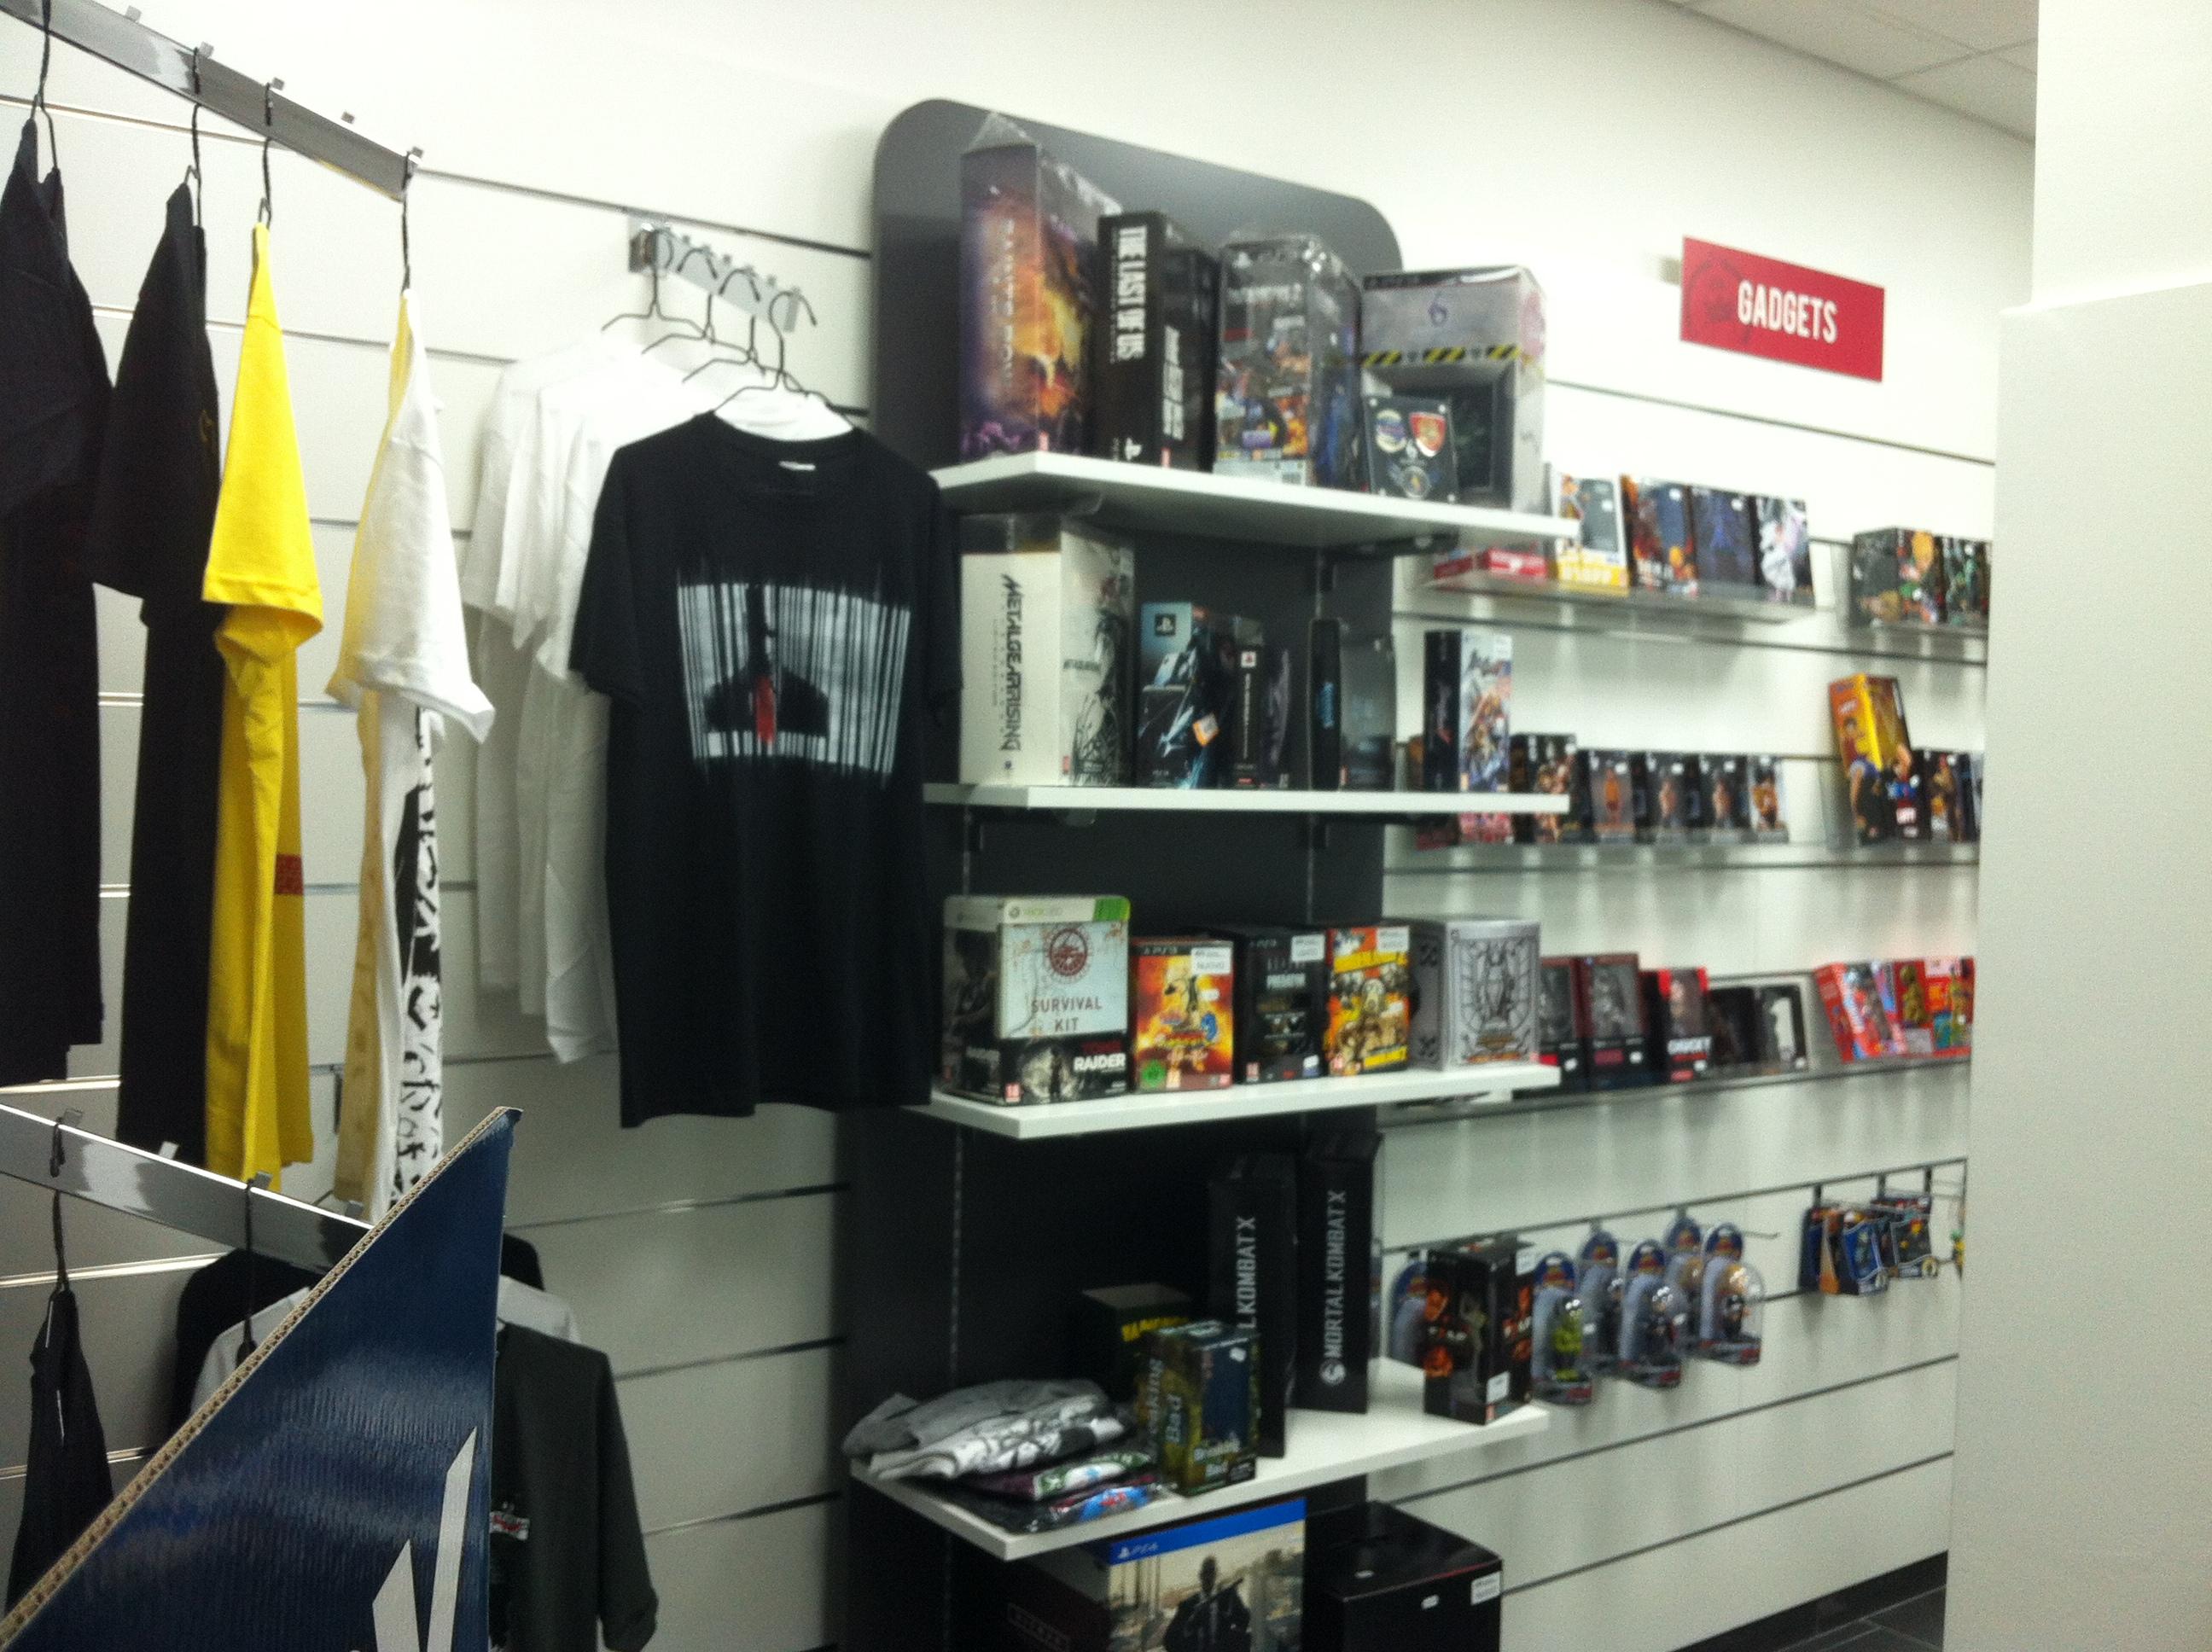 Arredamento negozi per videogiochi, elettronica e gadget, accessori per telefonia, ripiani regolabil